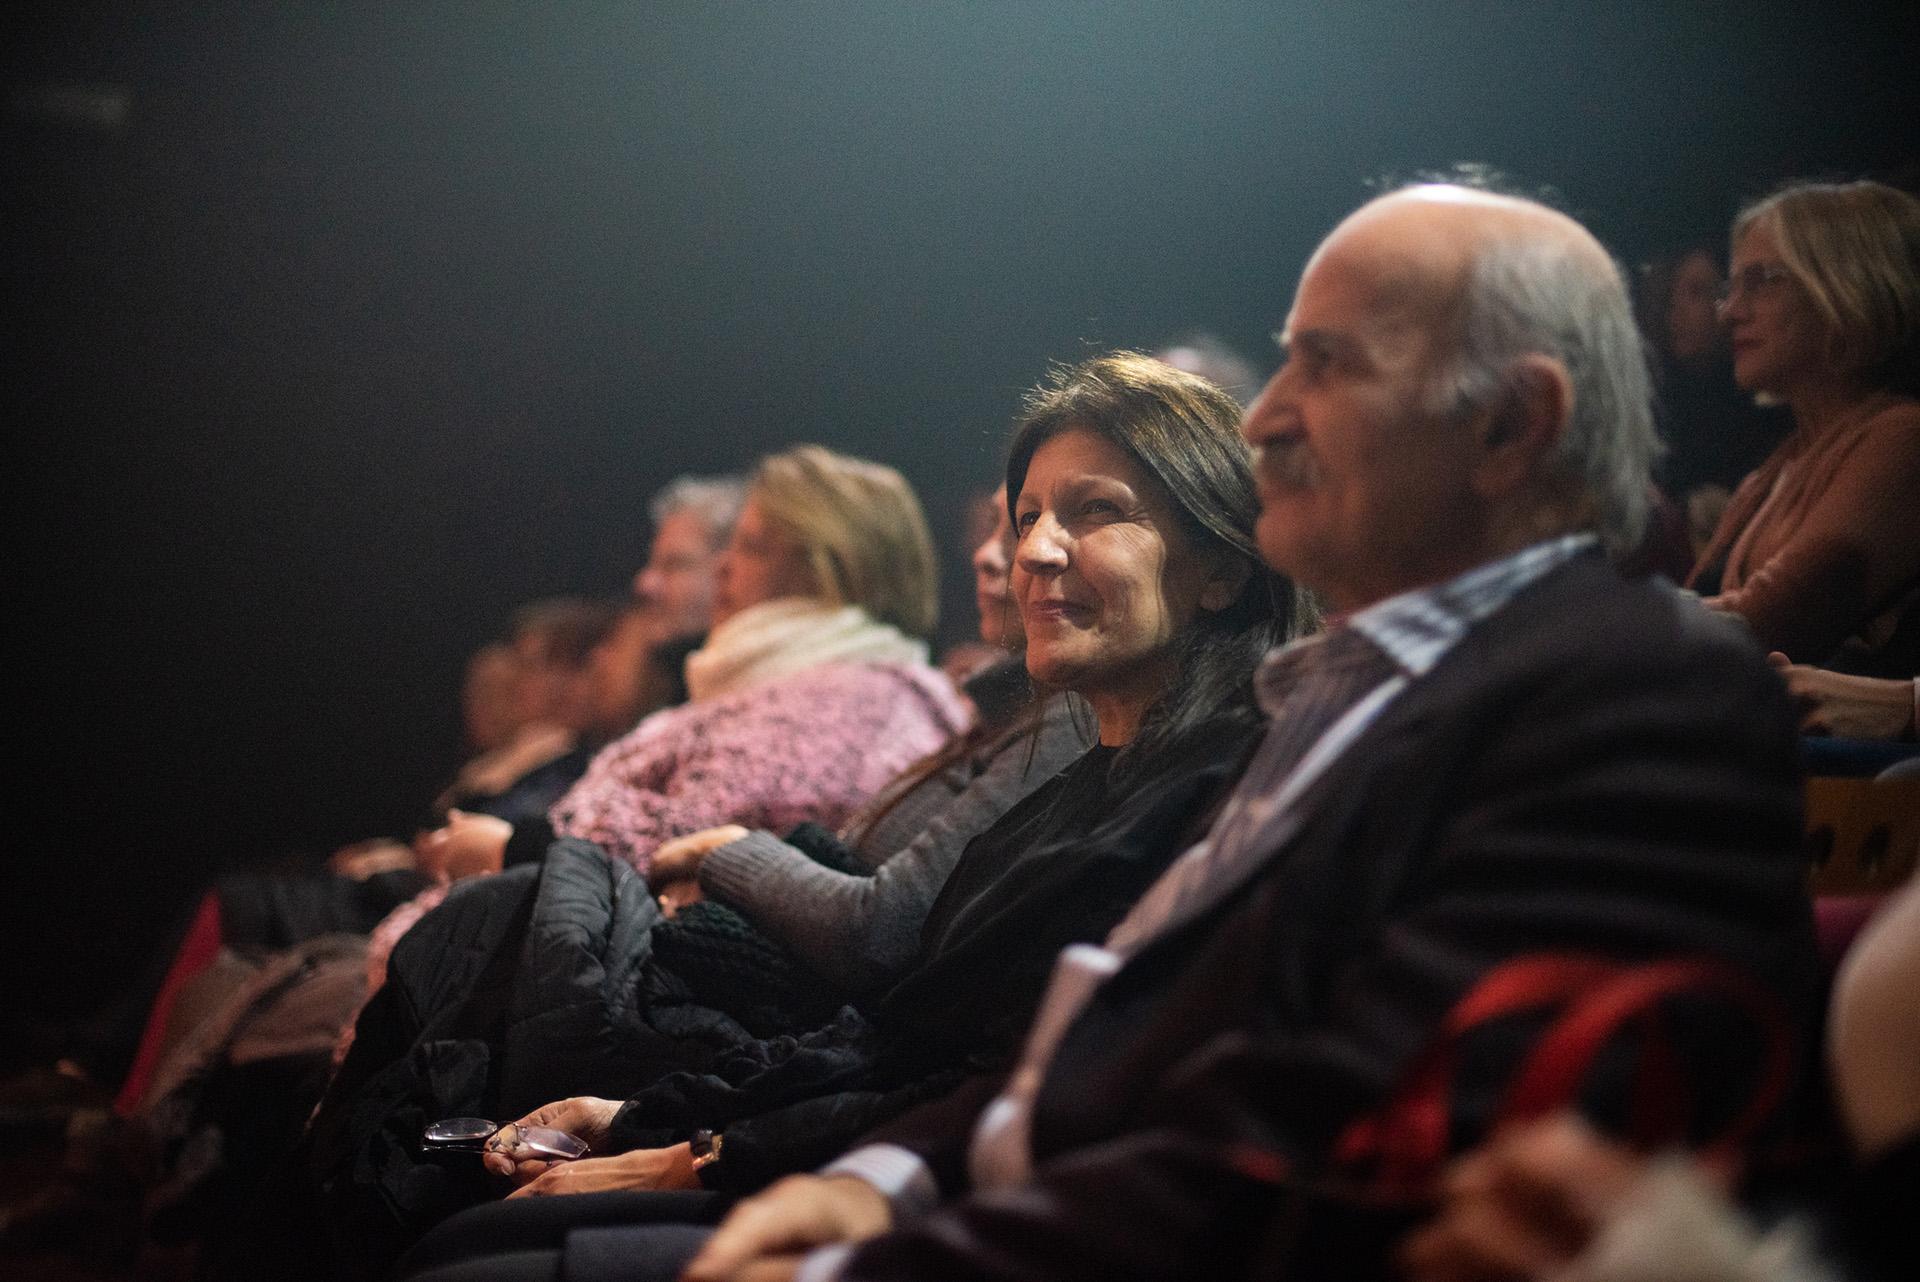 Alicia Daher y Ghandour Daher directivos de la Fundación Nínawa Daher y padres de la cantante